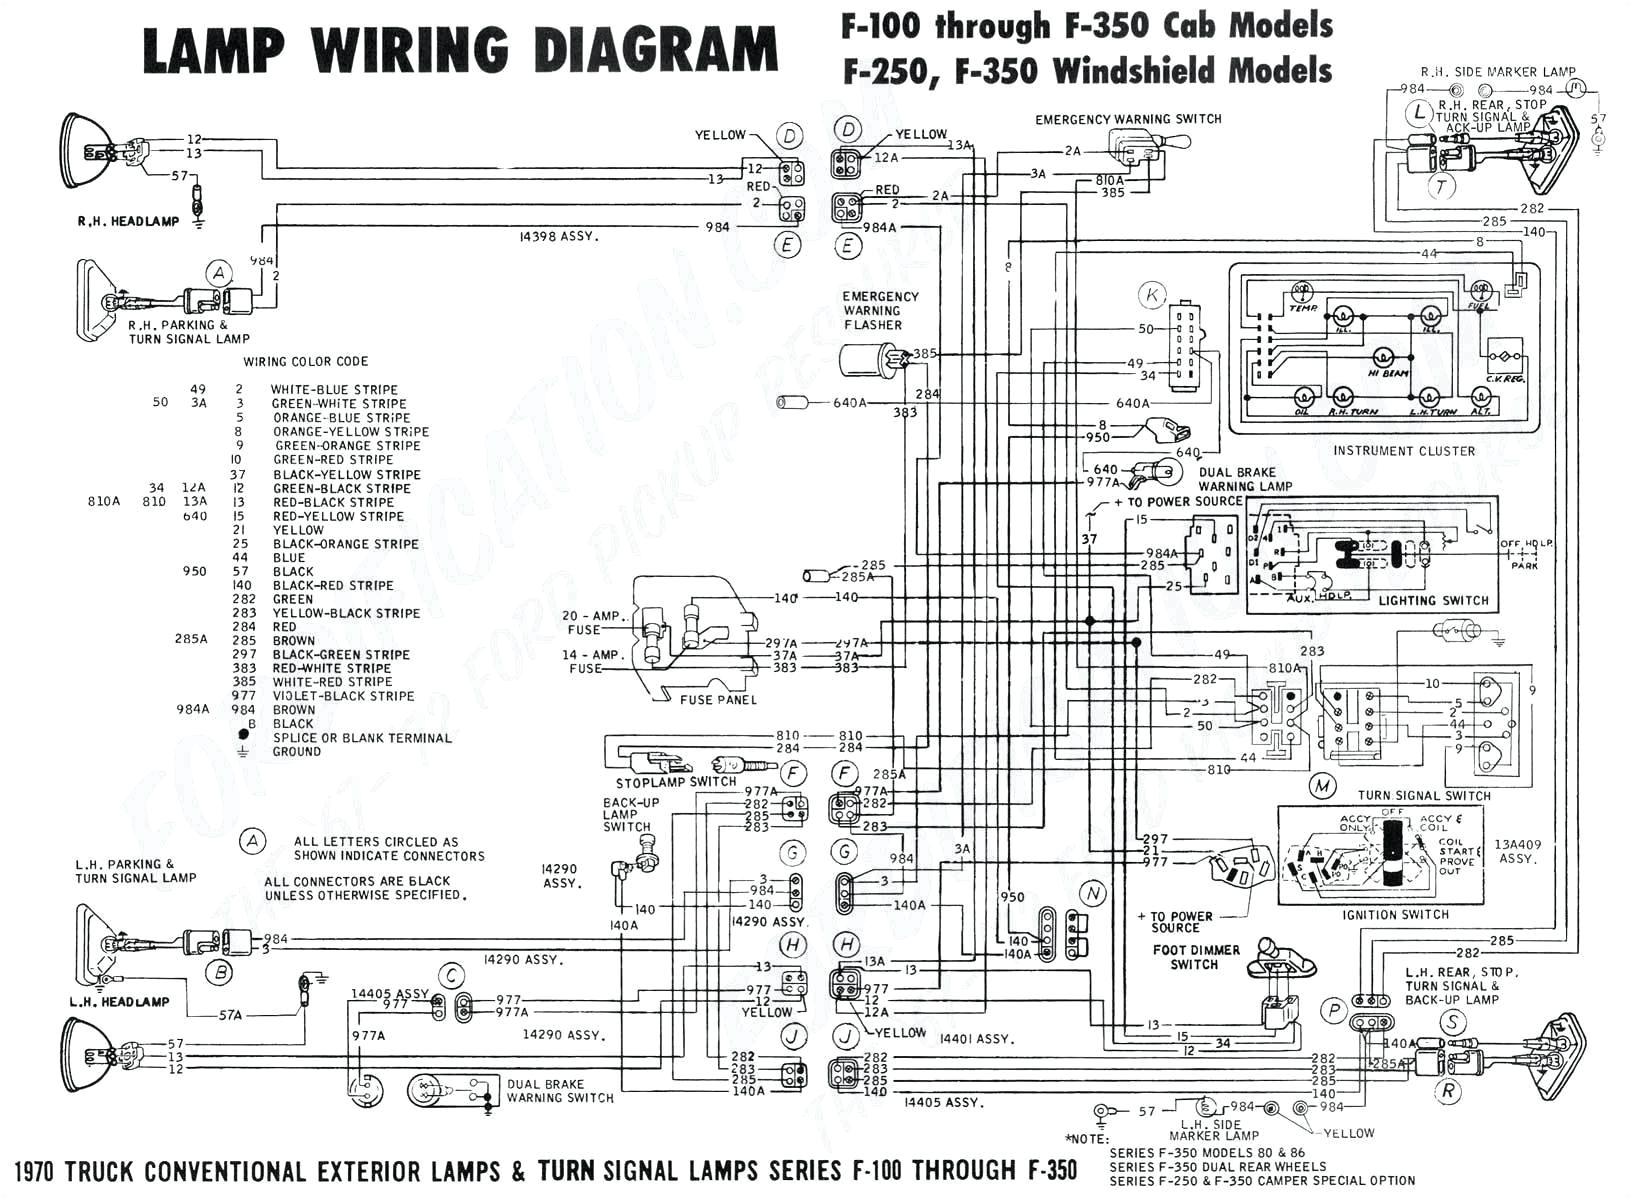 91 s10 turn signal wiring diagram wiring diagram imgs10 turn signal wiring harness wiring diagram operations